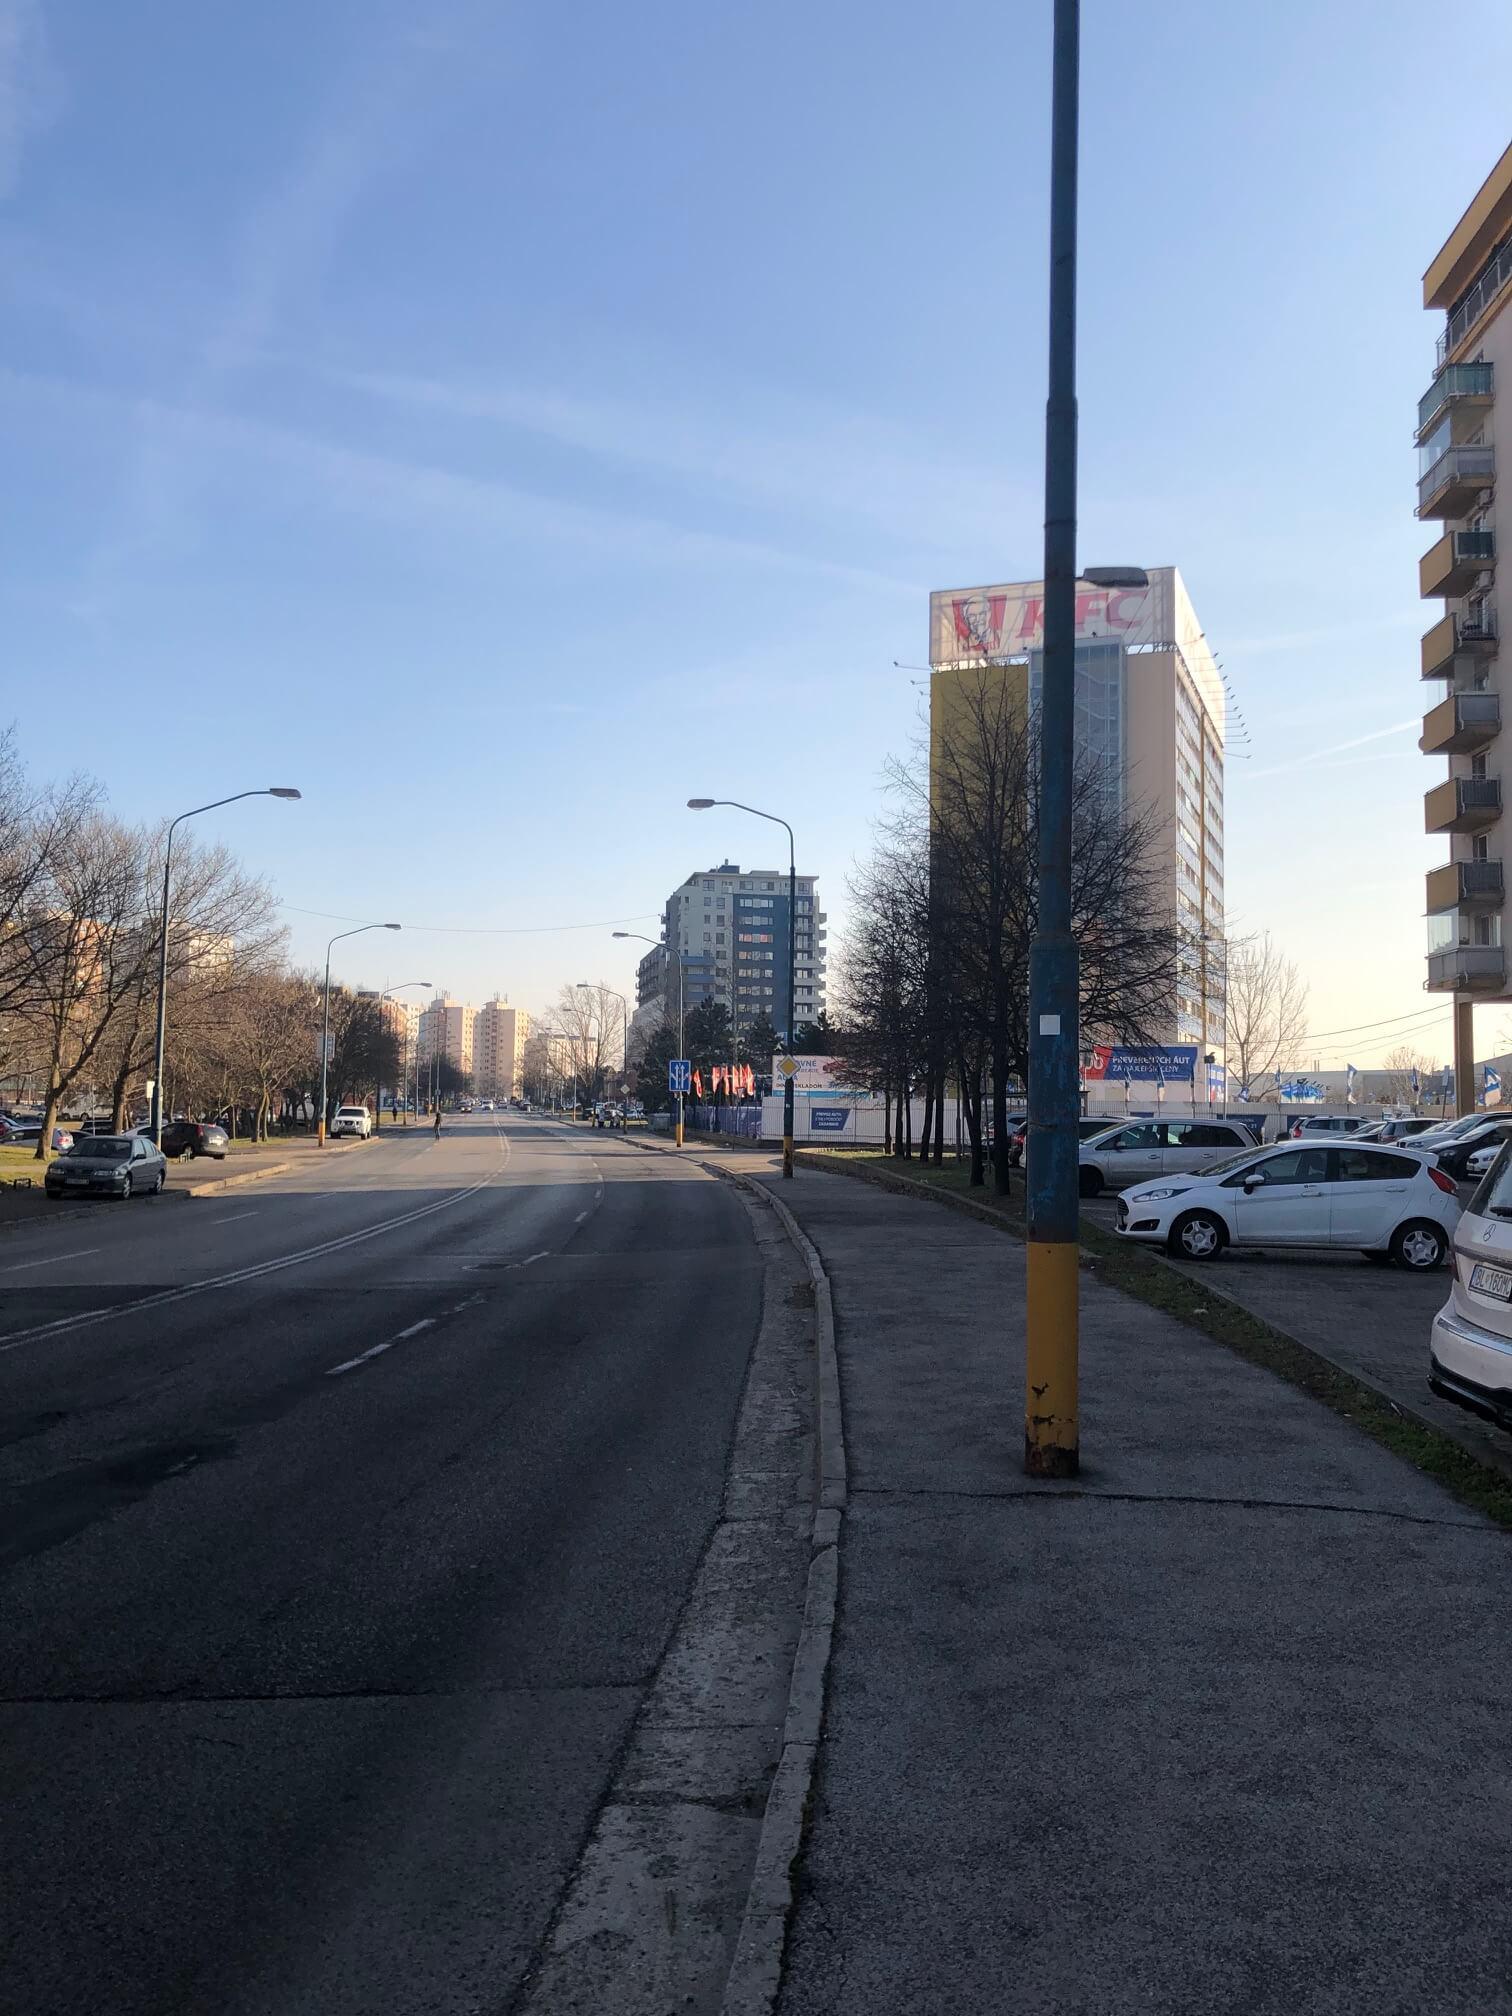 Predané: Exkluzívne na predaj 3 izb. byt, 72 m2, balkón 8 m2, parkovacie státie, Bratislava, Petržalka, Budatínska-68